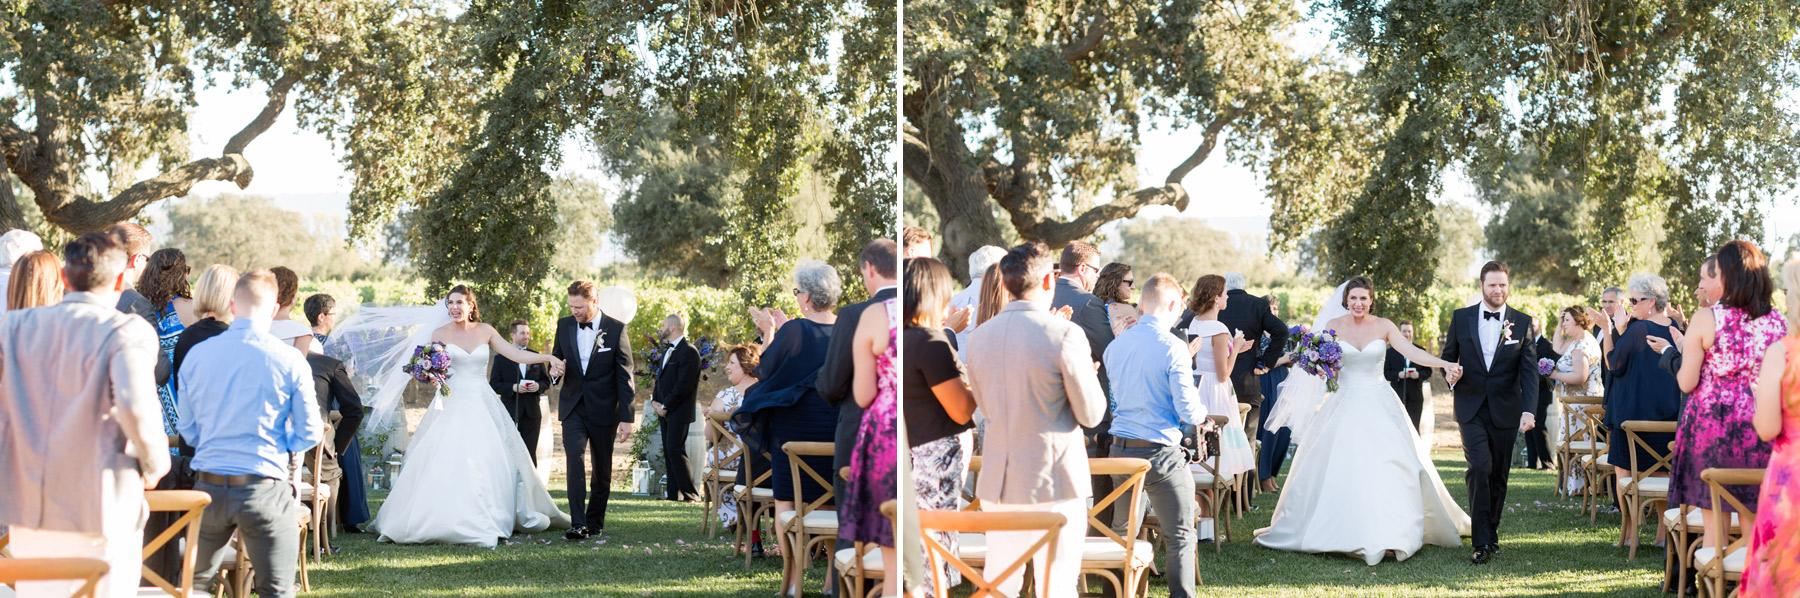 wedding at roblar winery los olivos